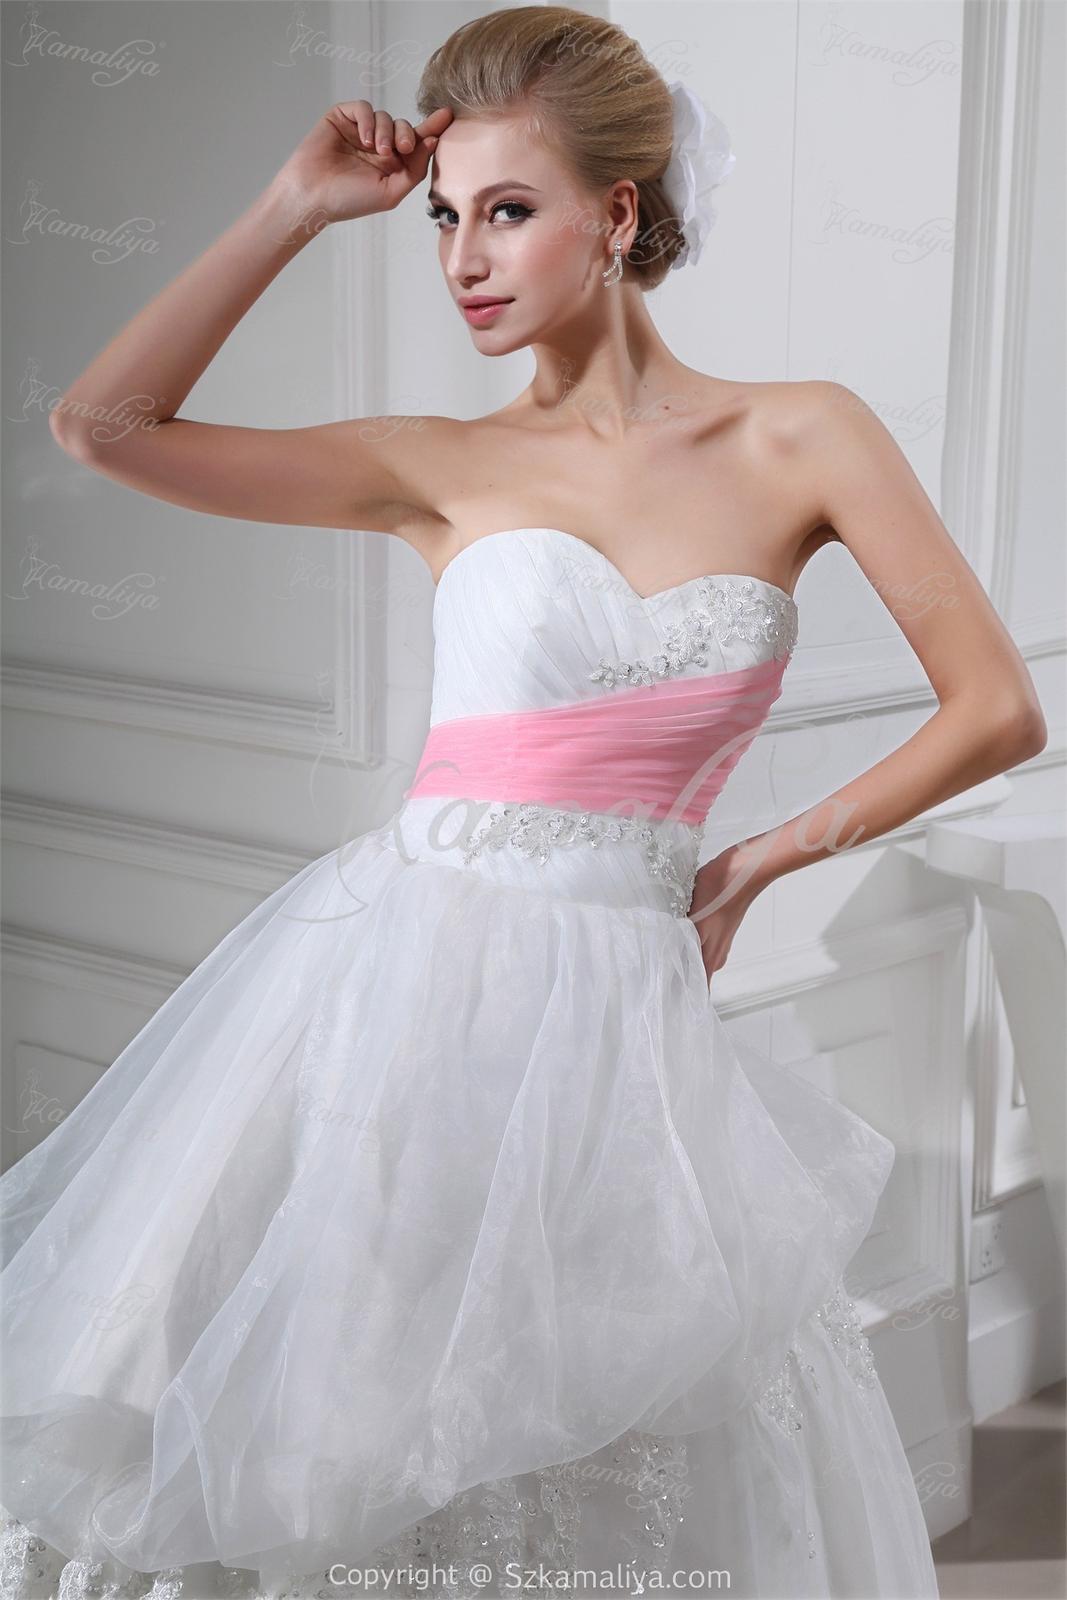 Svadobné šaty, čo sa mi páčia :) - Obrázok č. 99